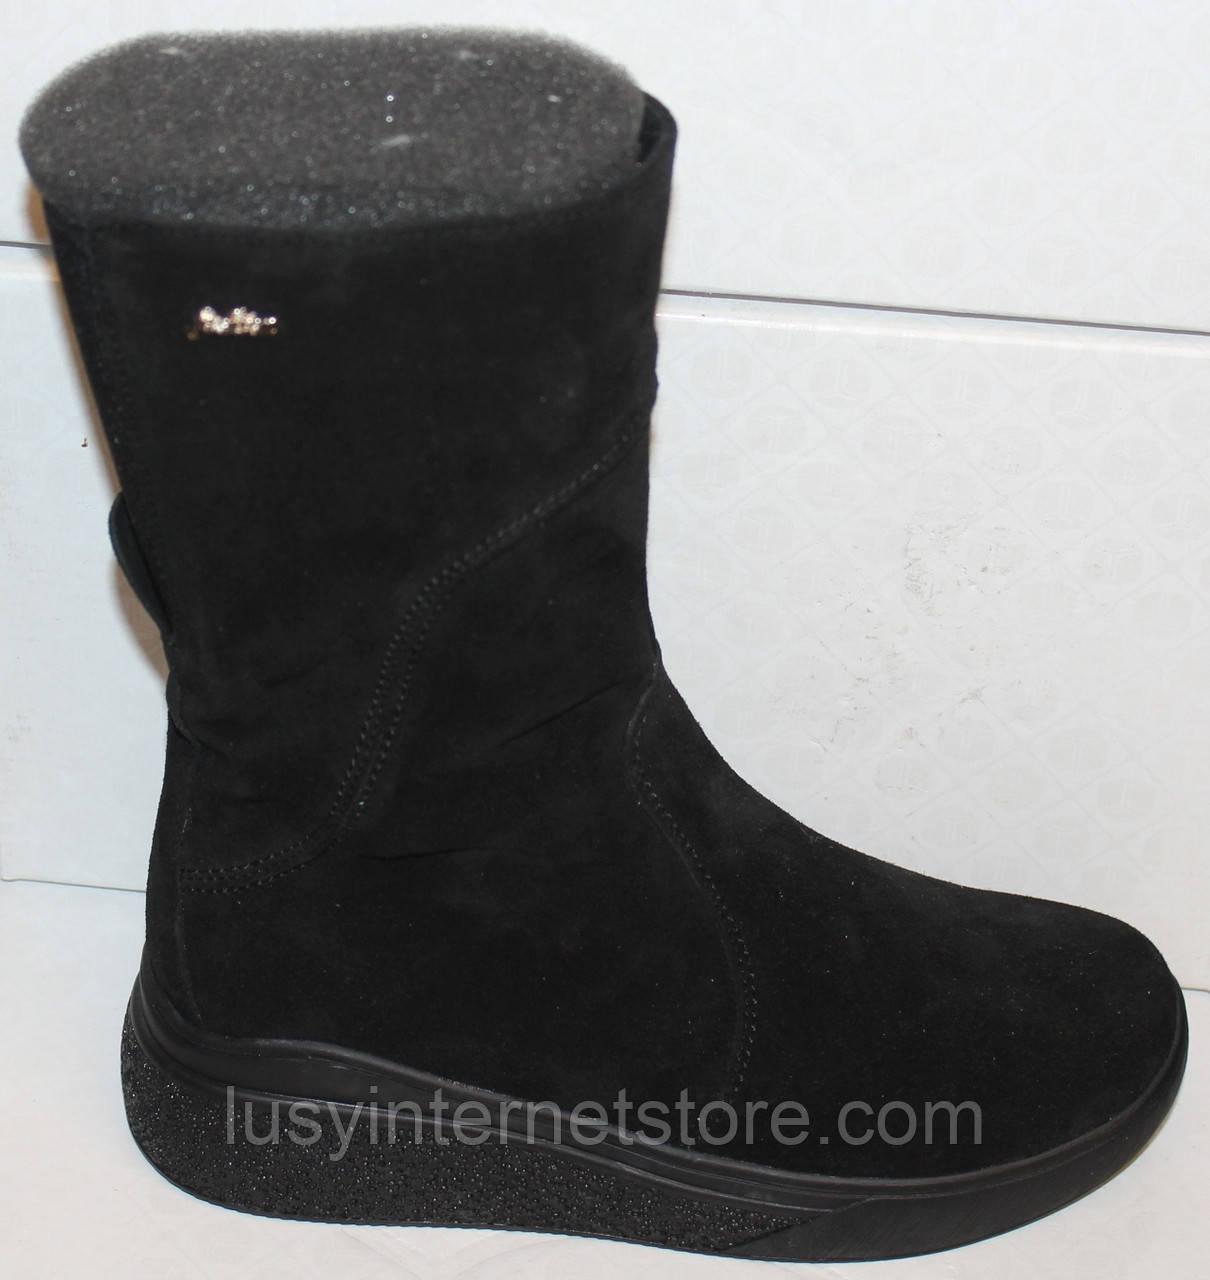 Сапоги черные женские зимние замшевые от производителя модель БМ301-1